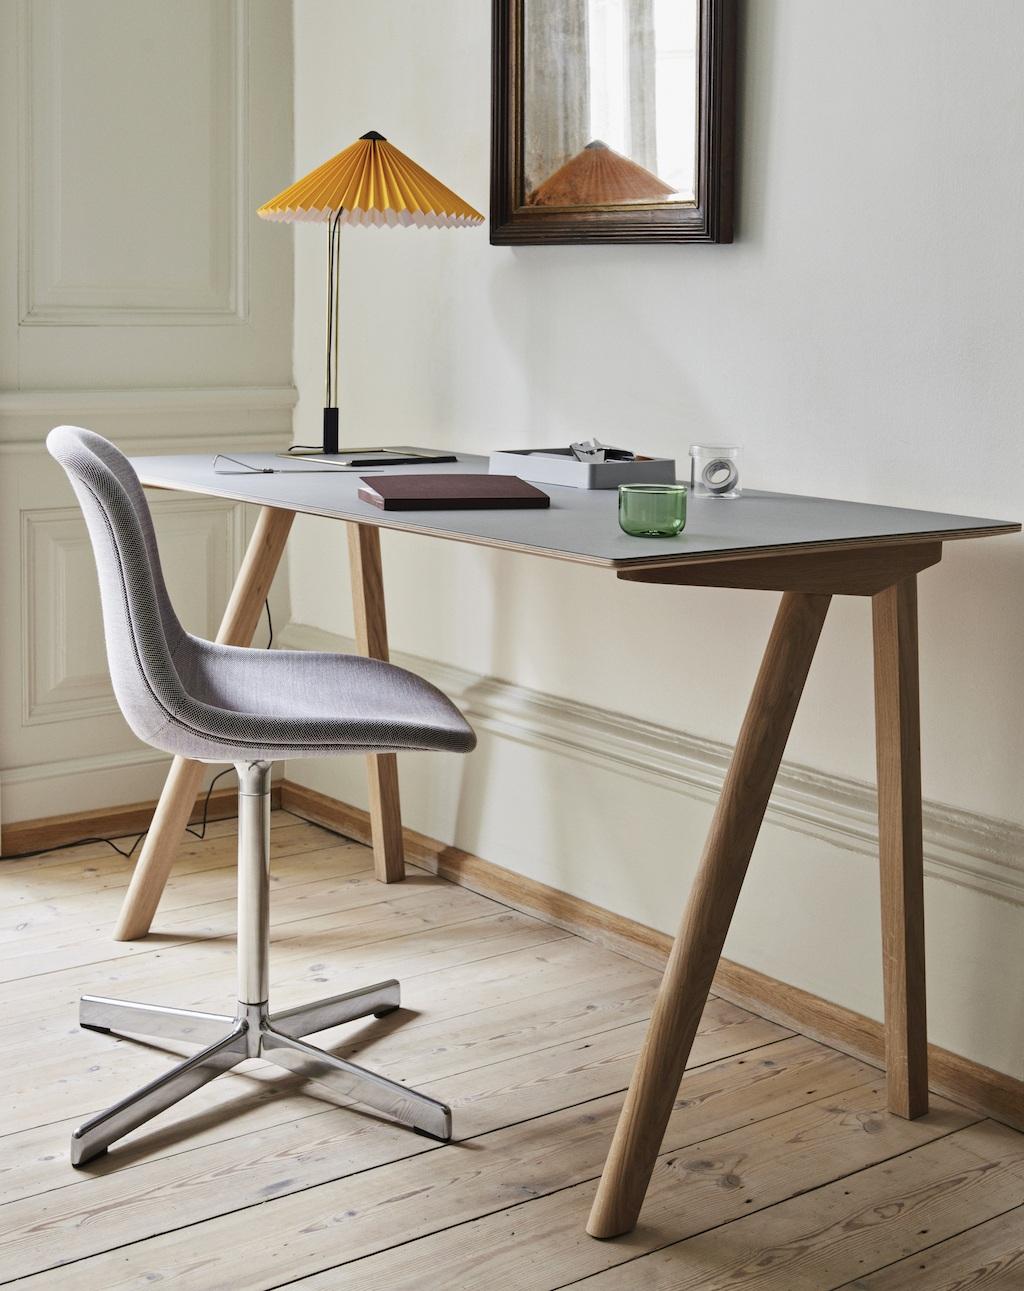 HAY CPH Desk, AAC Drehstuhl, Matin Tischleuchte für das Homeoffice Upgrade